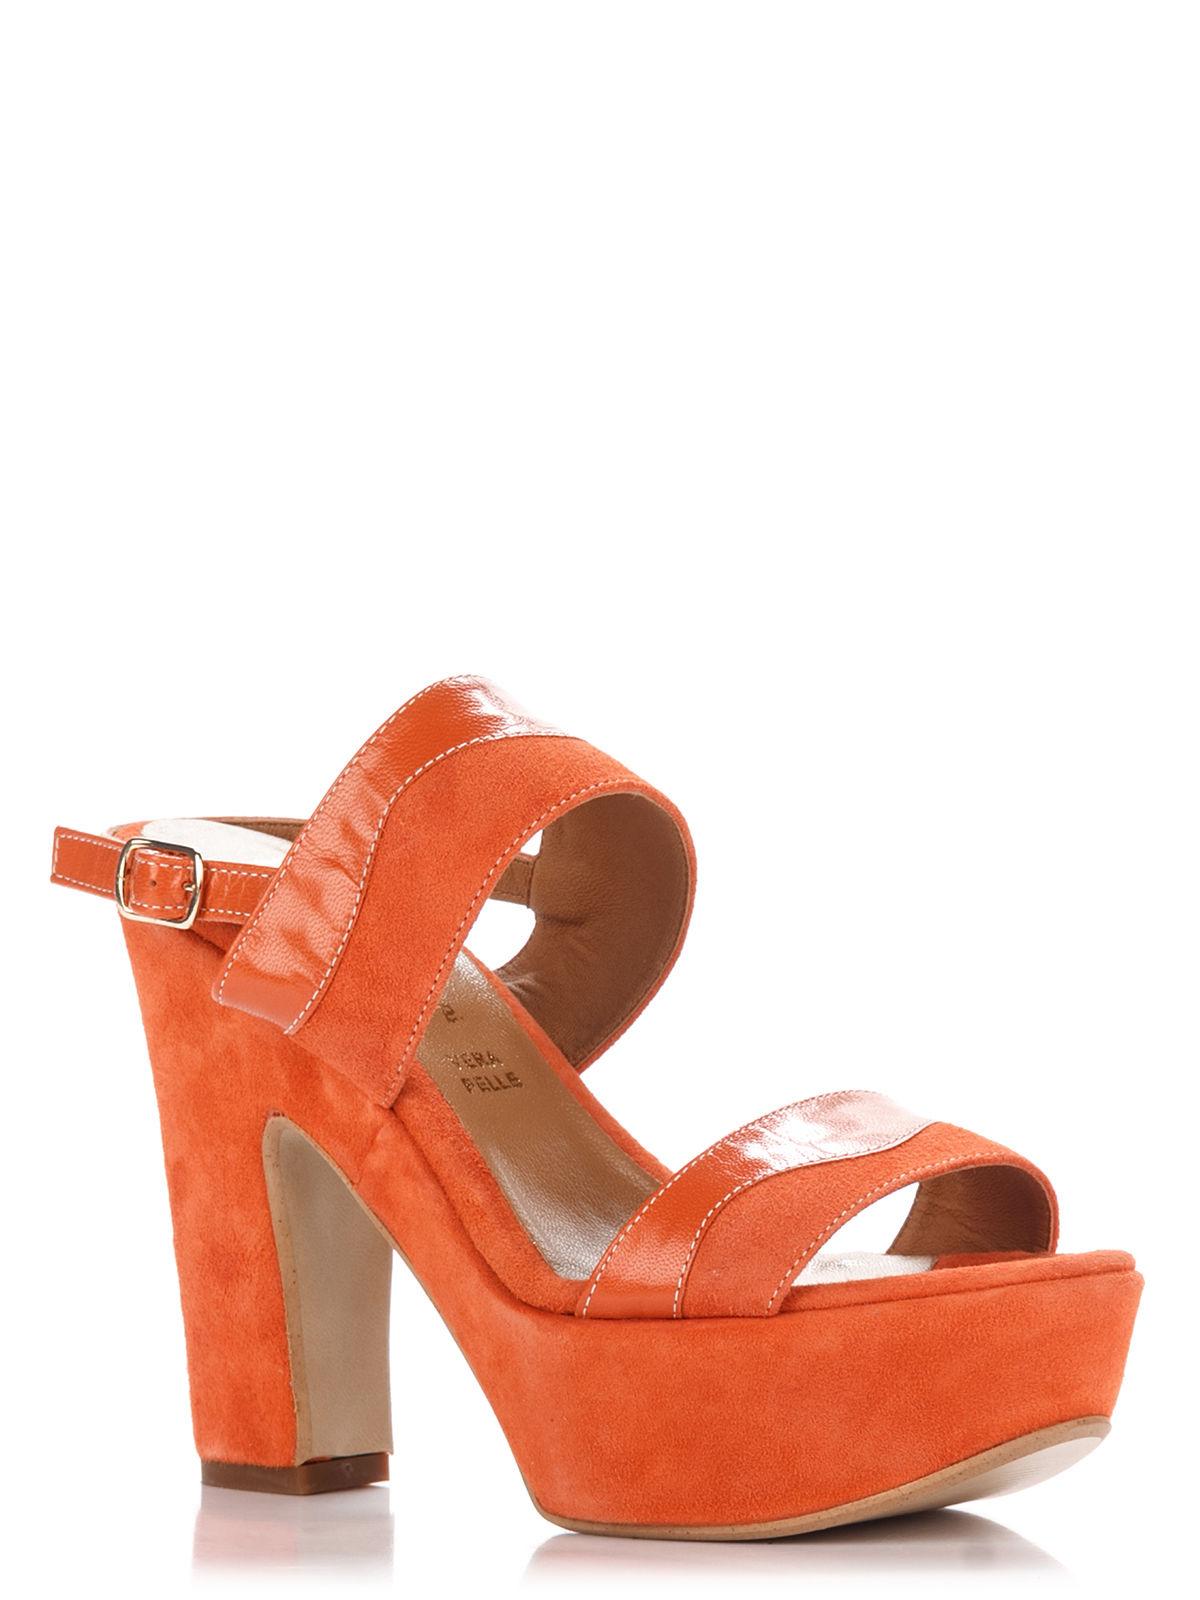 Босоножки оранжевые | 3273445